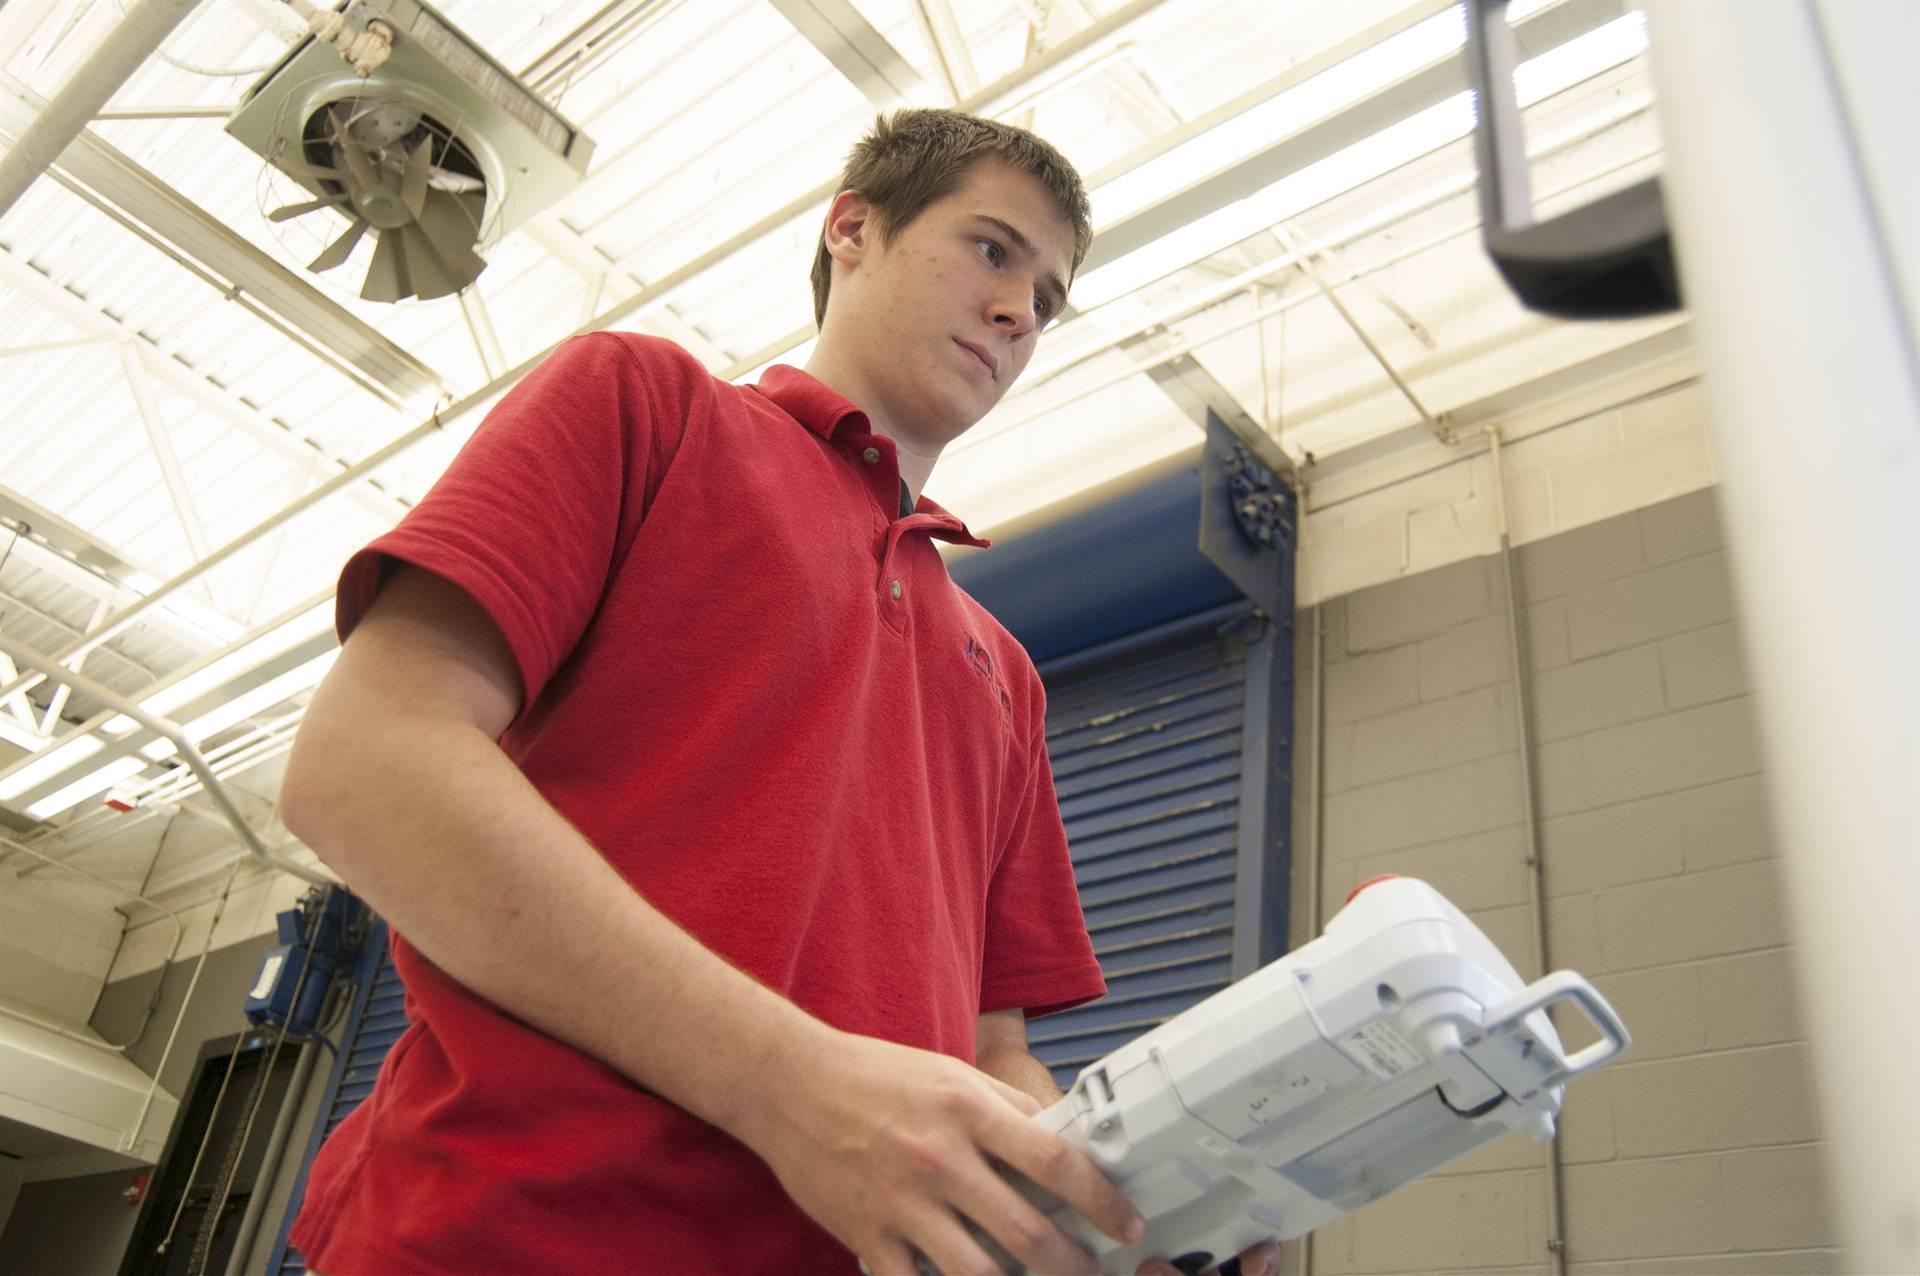 2015 Engineering & Manufacturing Graduate Student Phillip Seidenstricker